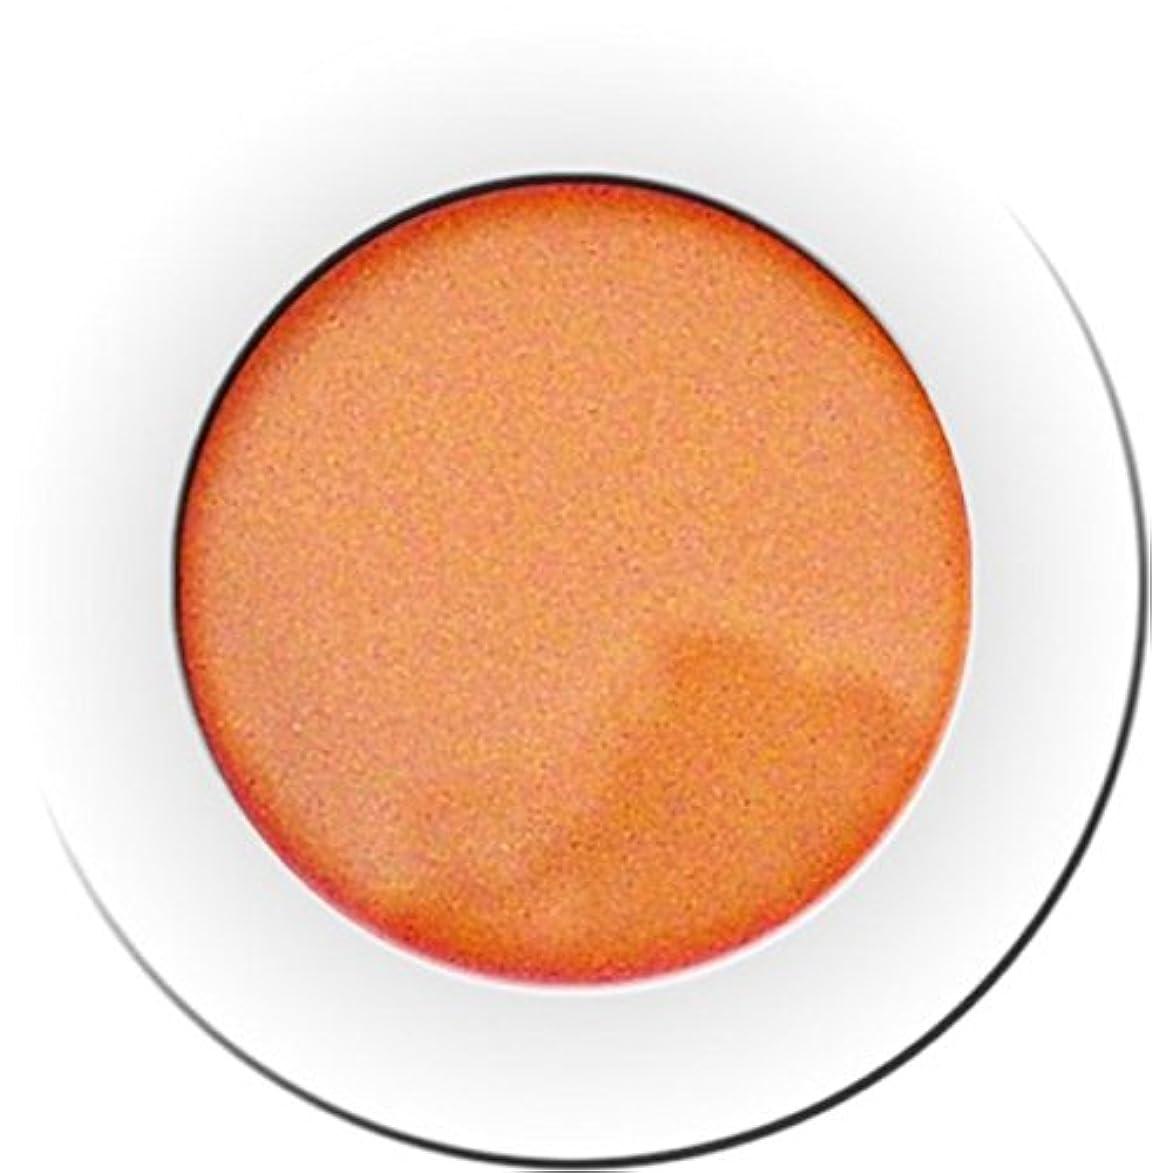 カラーパウダー 7g ヘリウム